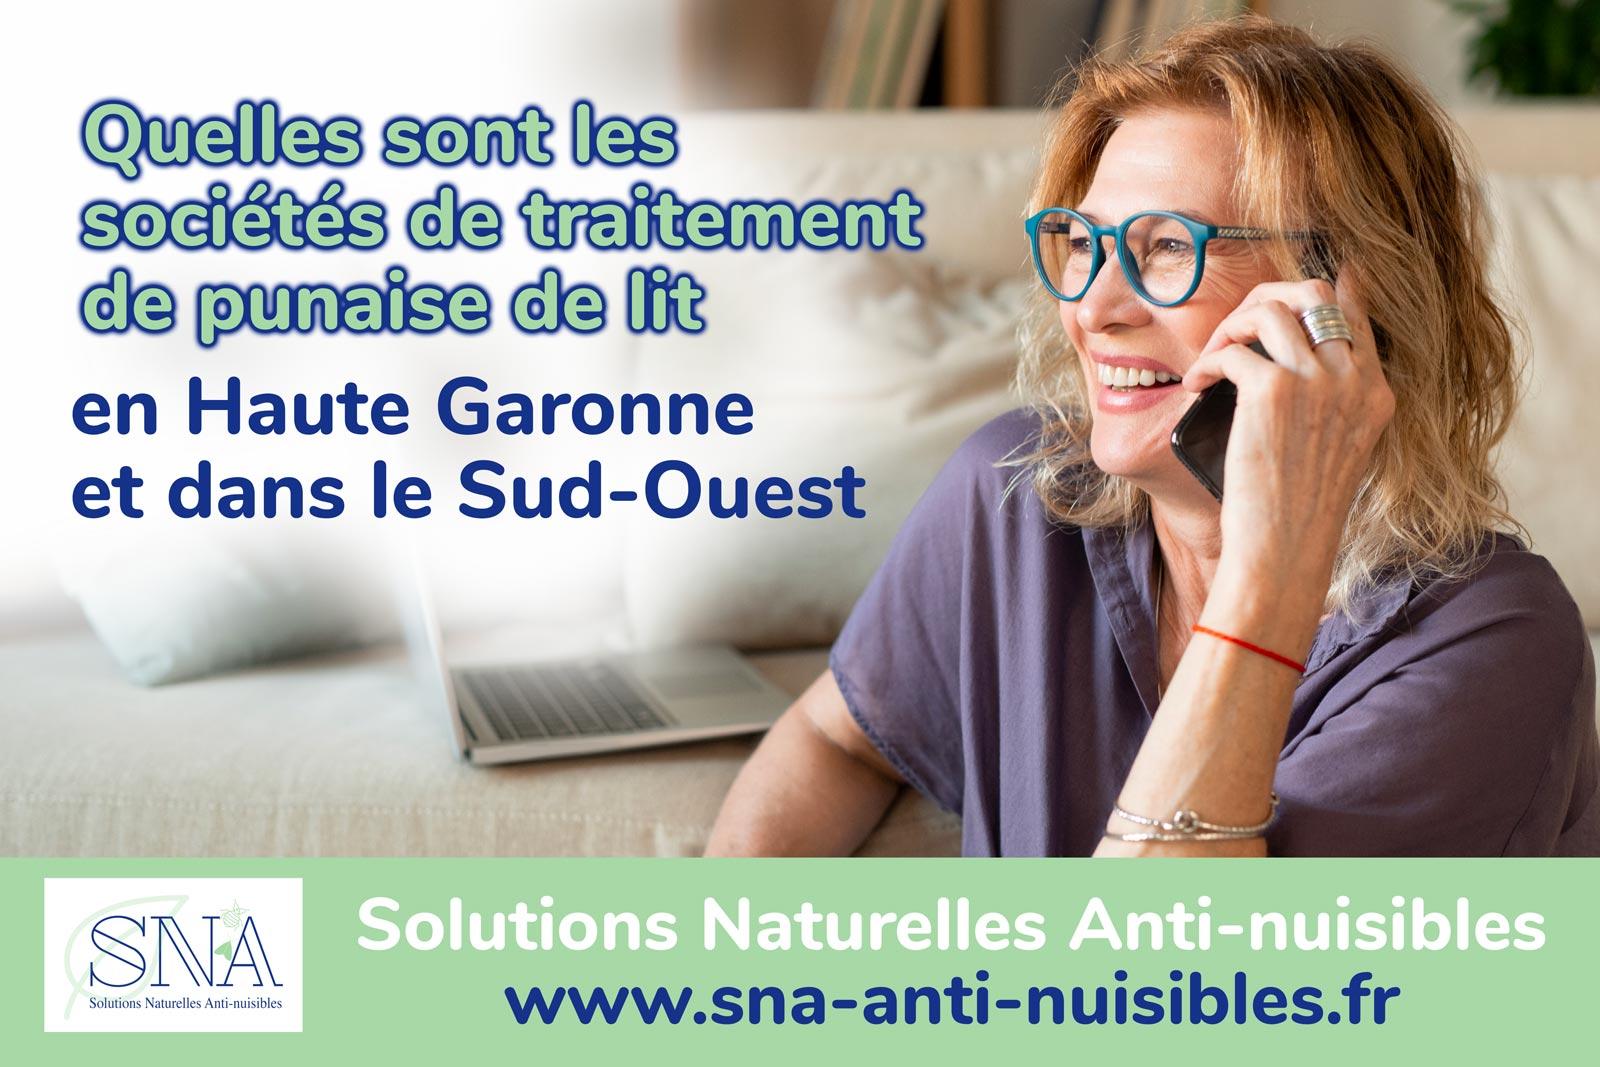 Les sociétés de traitement de punaise de lit à Toulouse